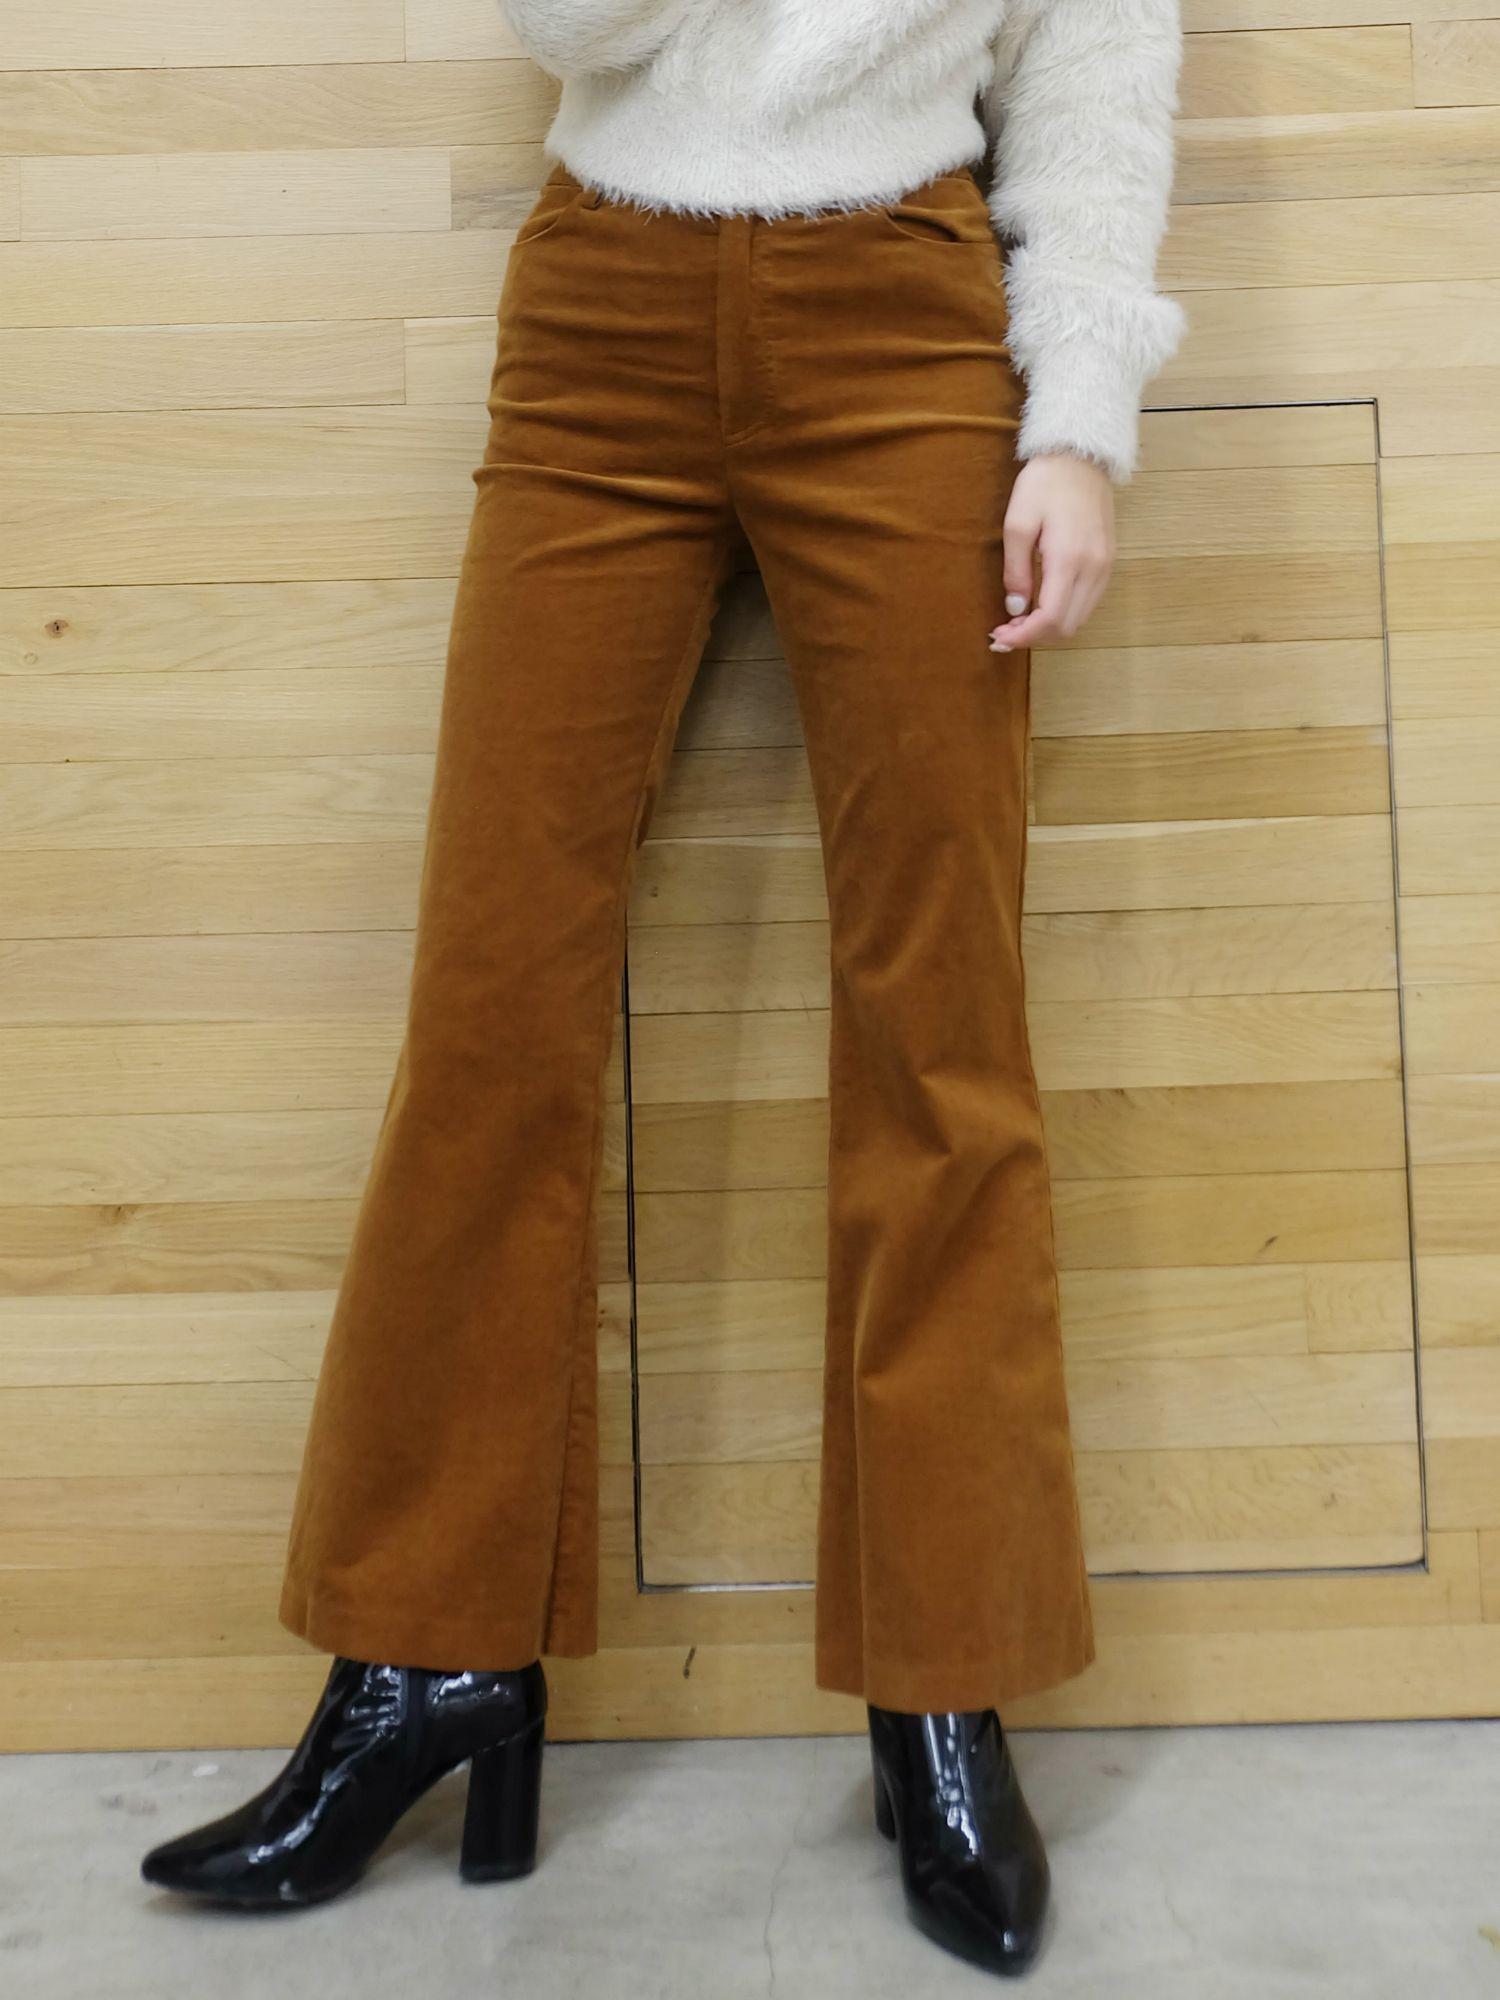 Velor-like boot-cut pants